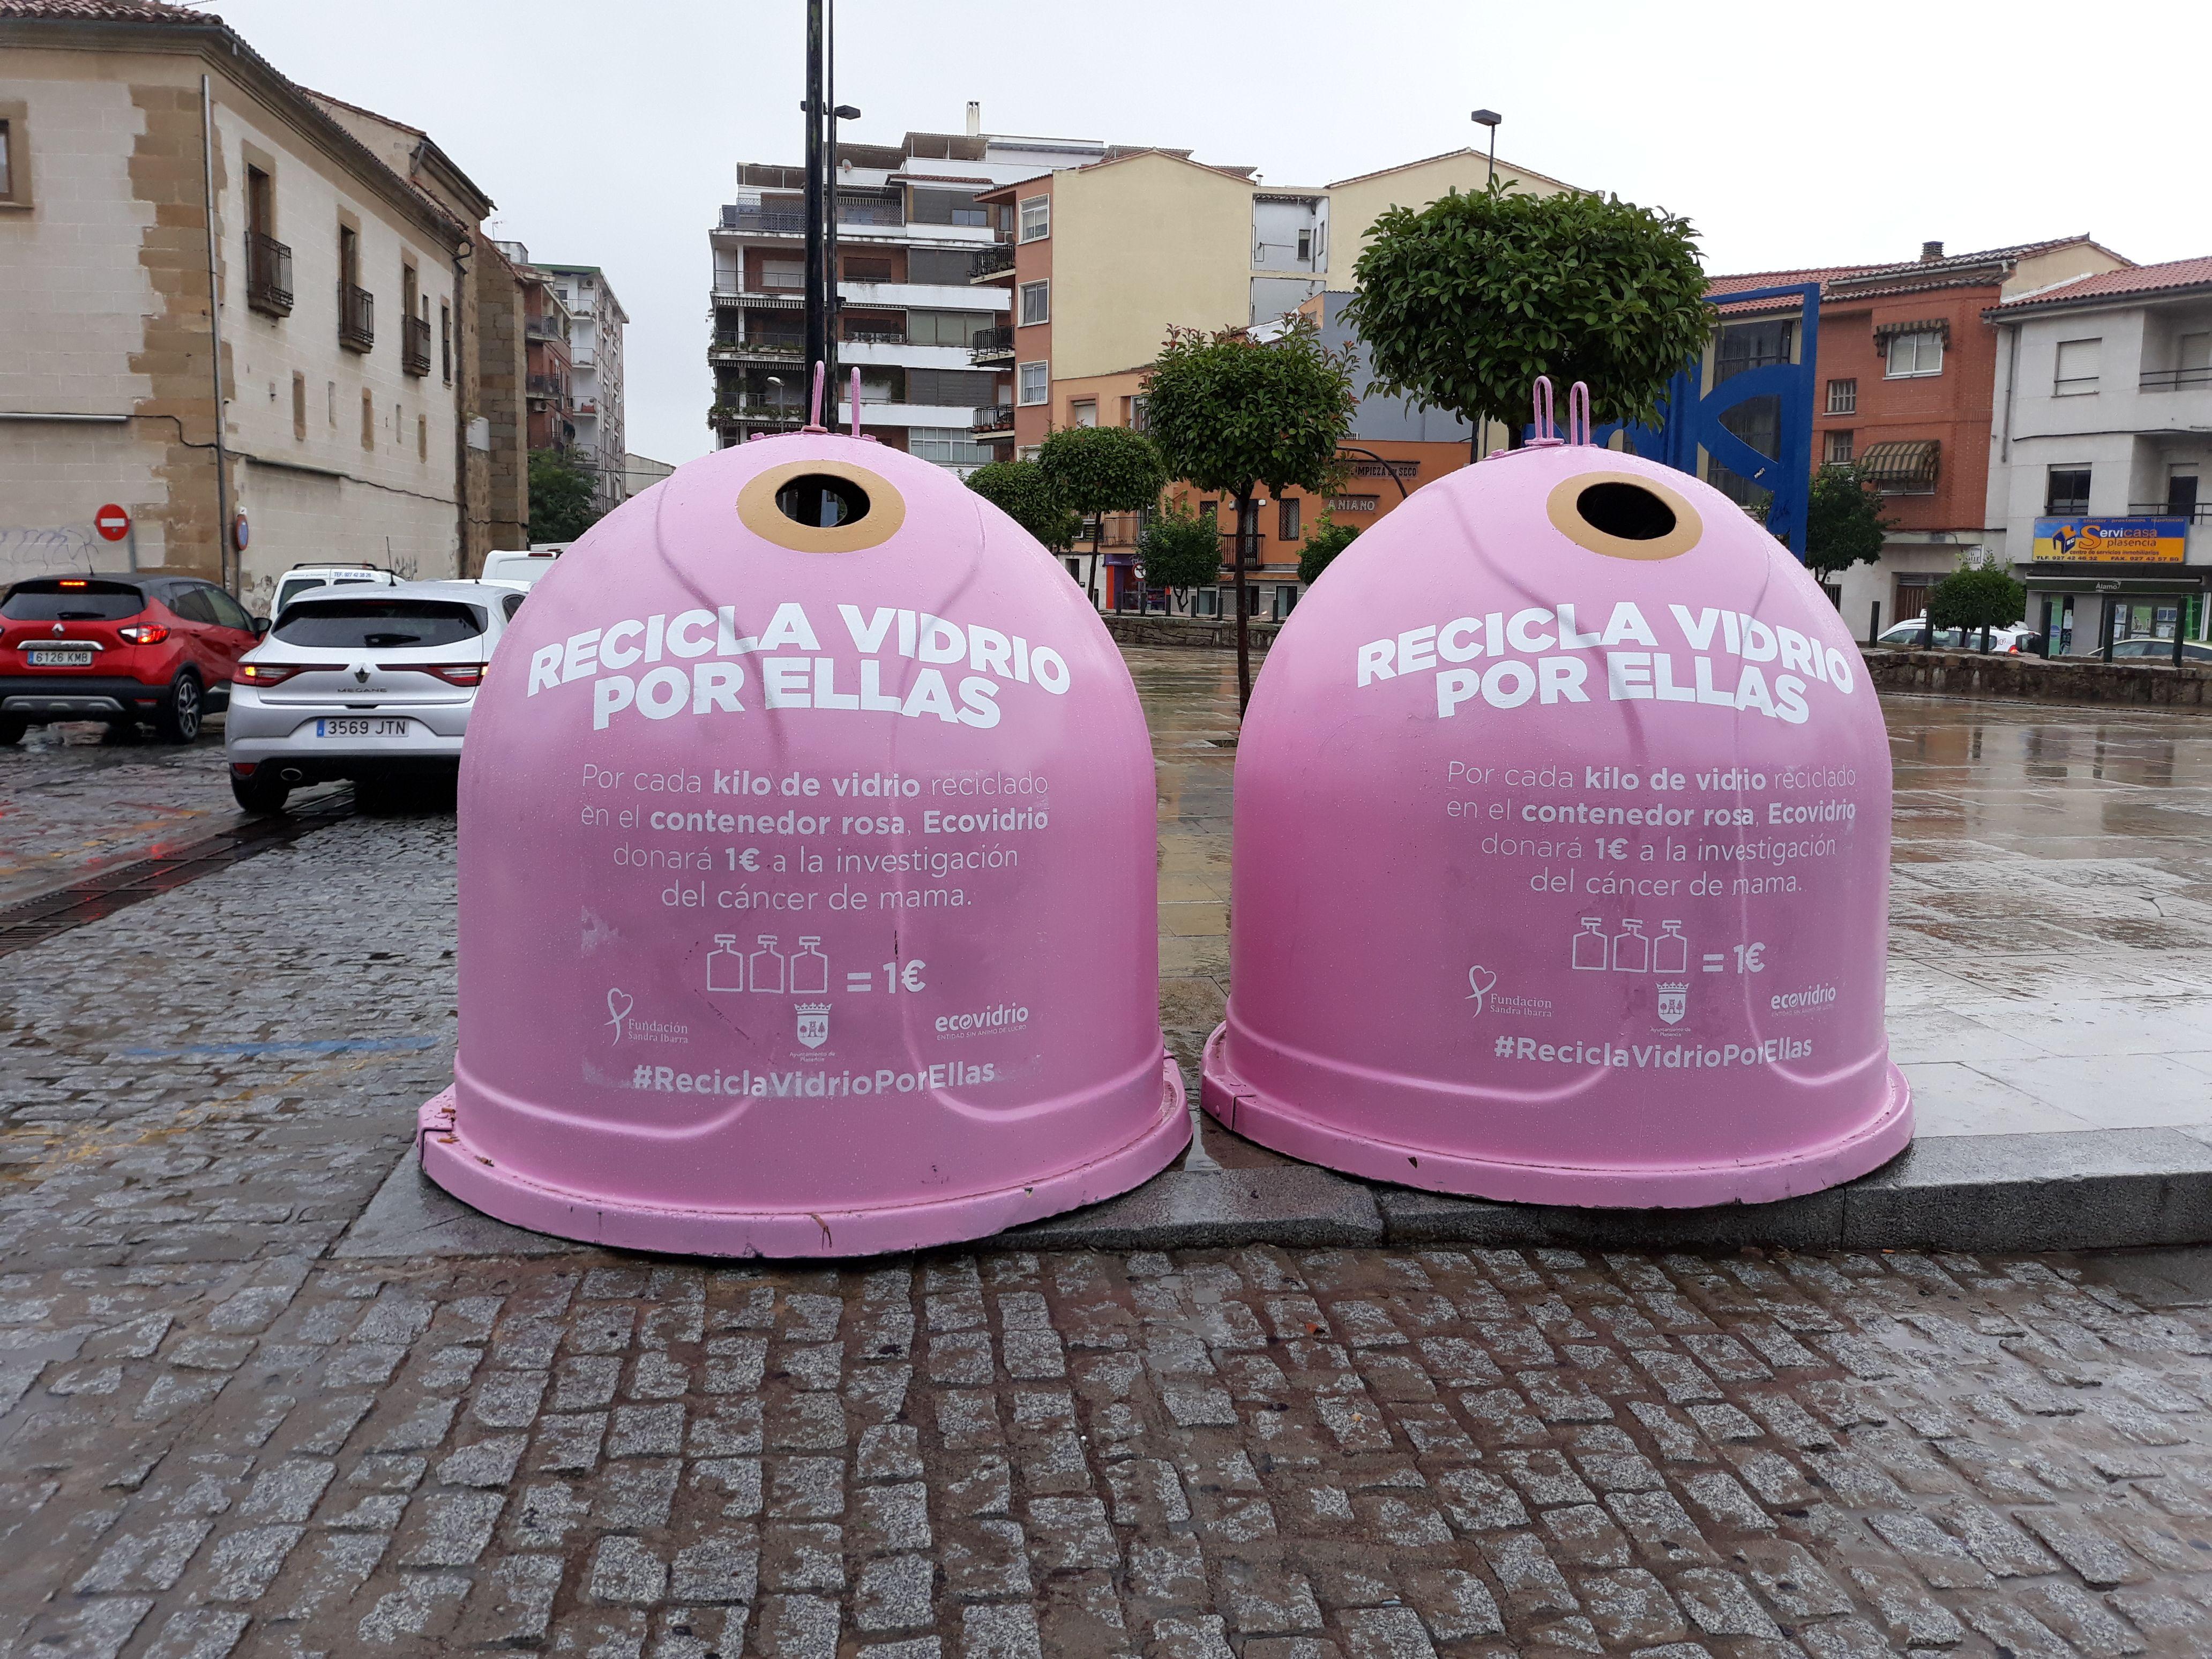 campaña-social-recicla-vidrio-por-ellas-contenedores-rosas-ECOVIDRIO